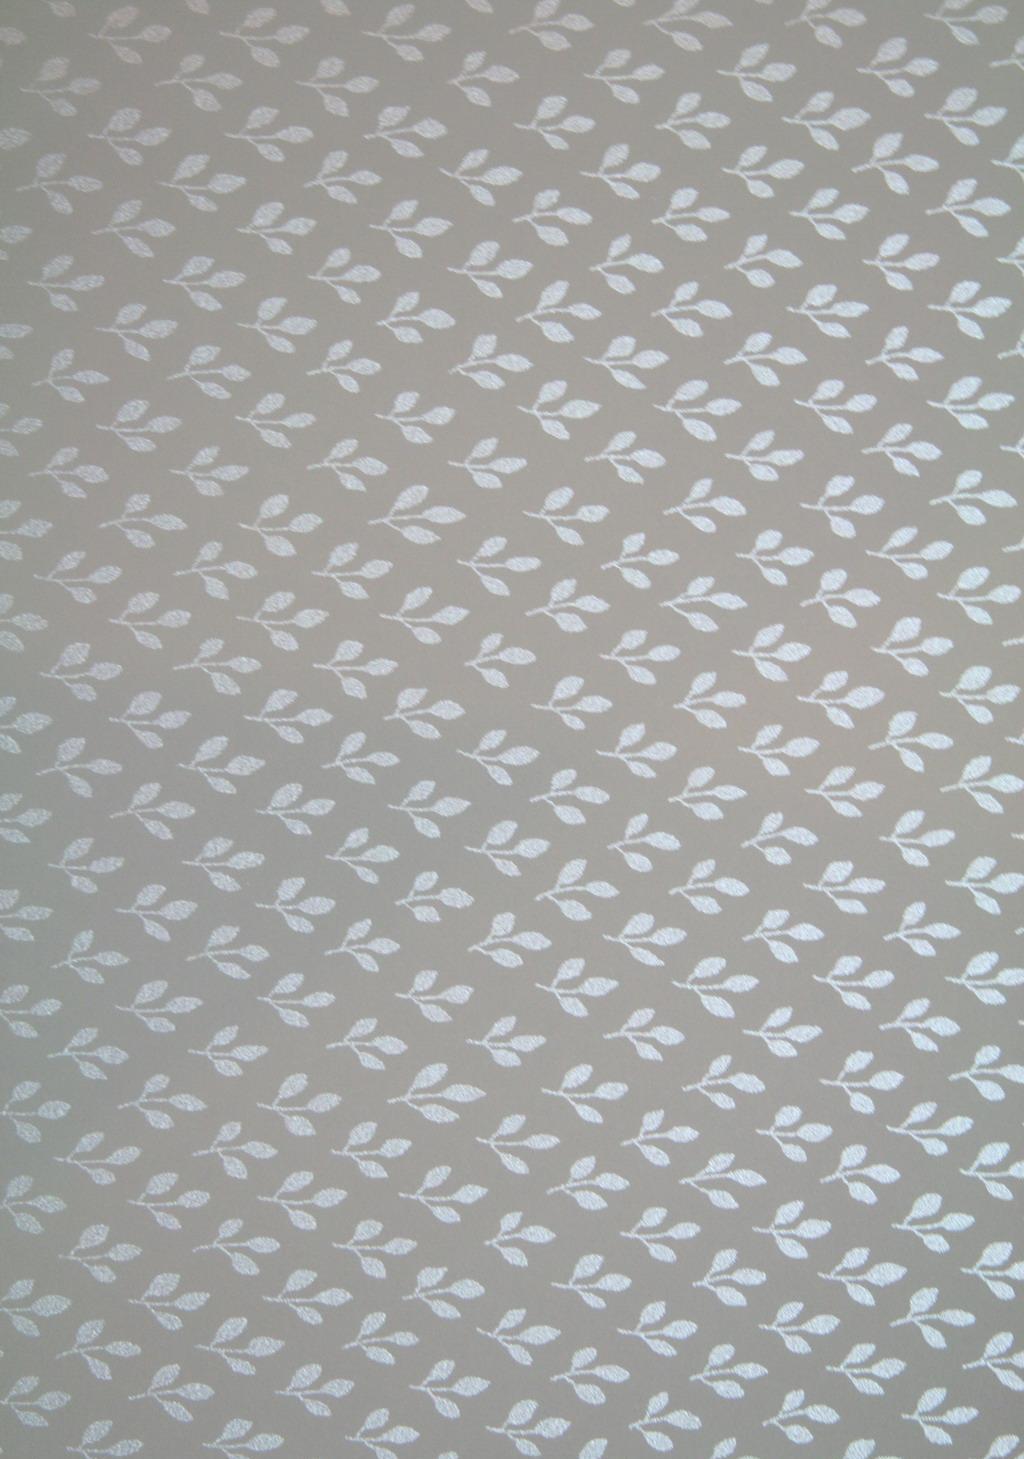 玛堡壁纸507-19507-19